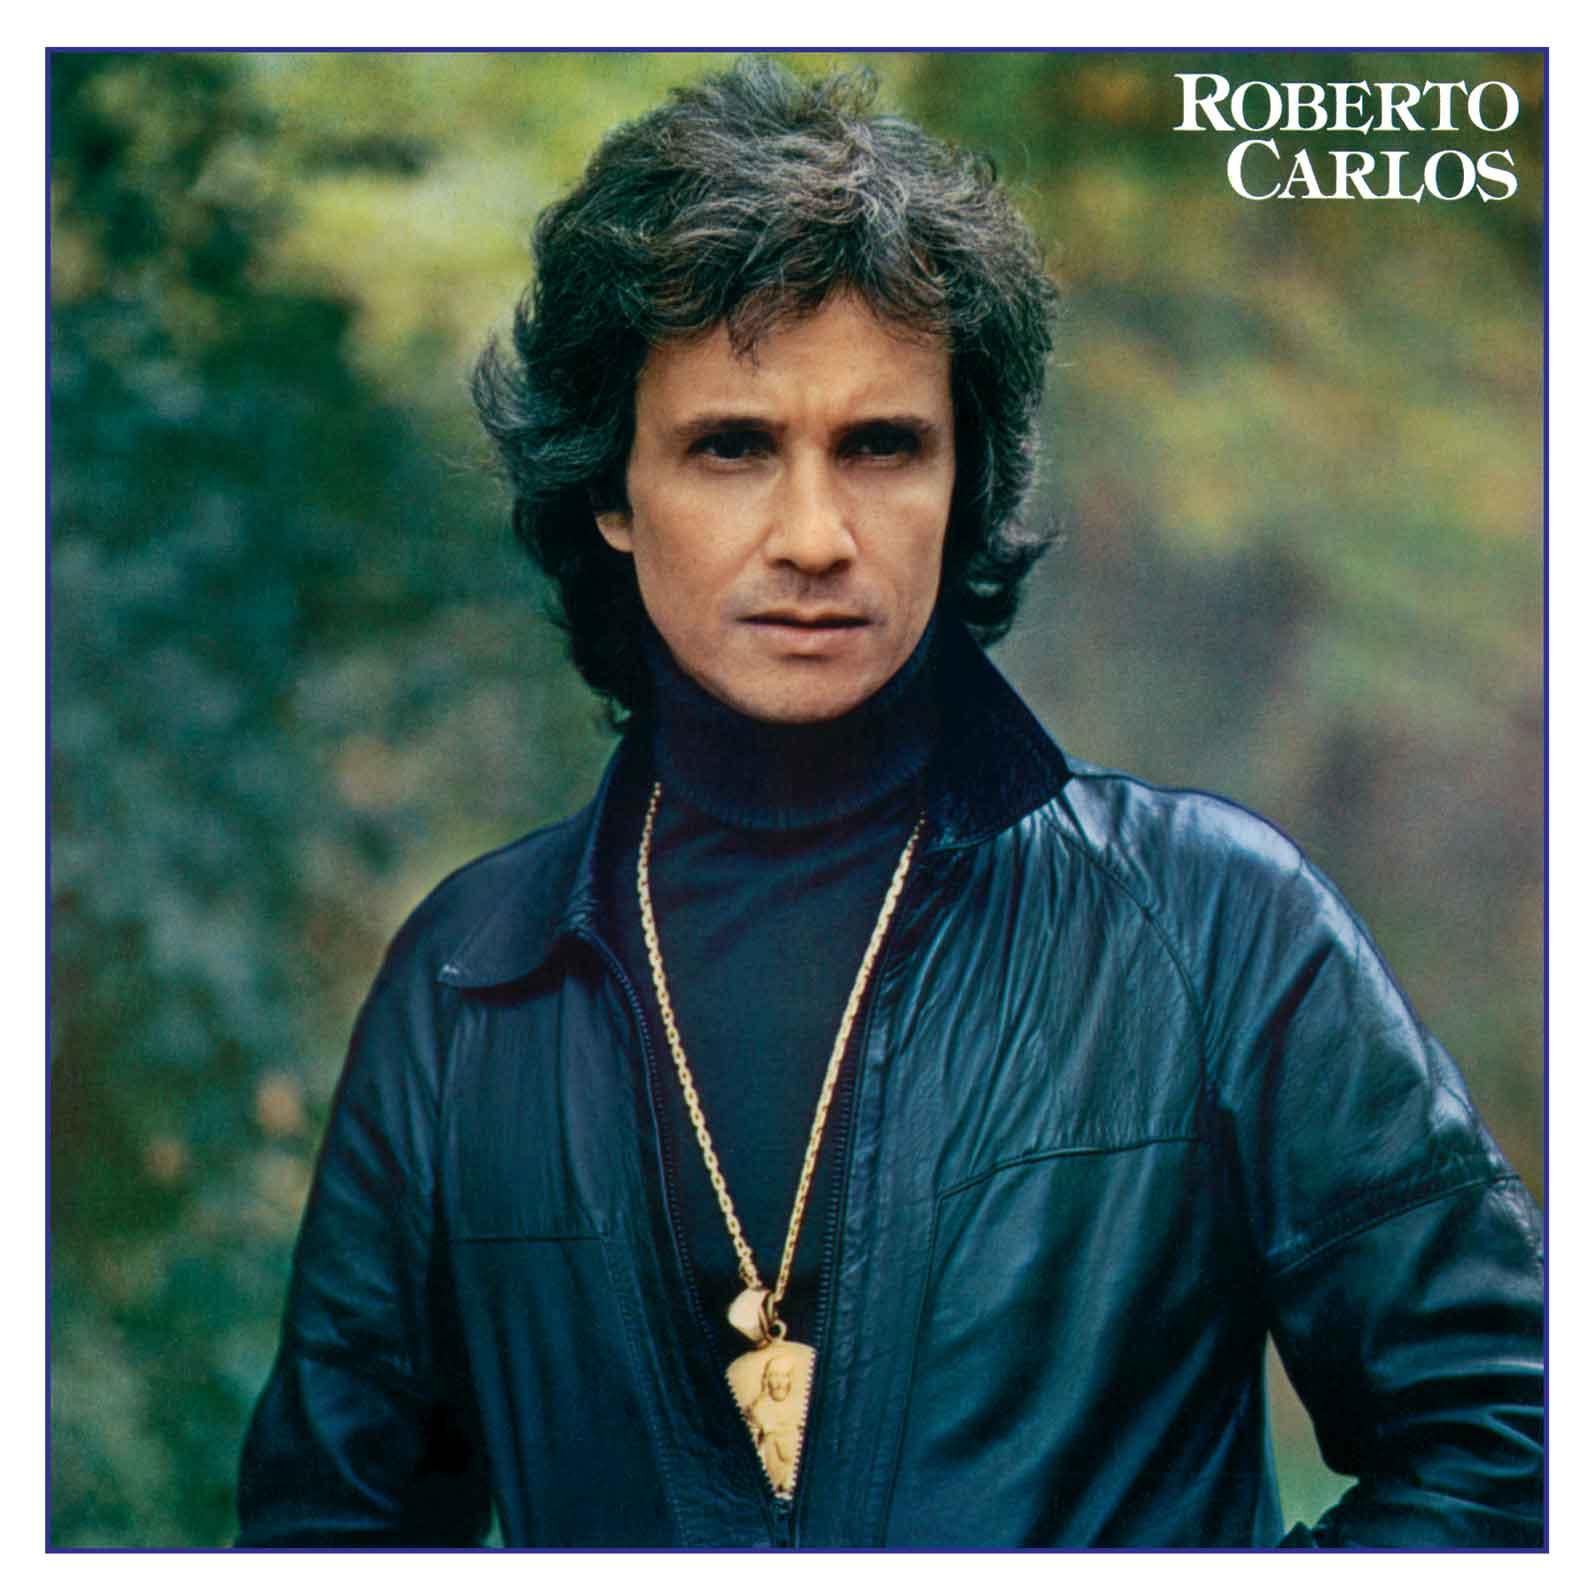 Roberto carlos 1981 roberto carlos for Cama y mesa roberto carlos letra